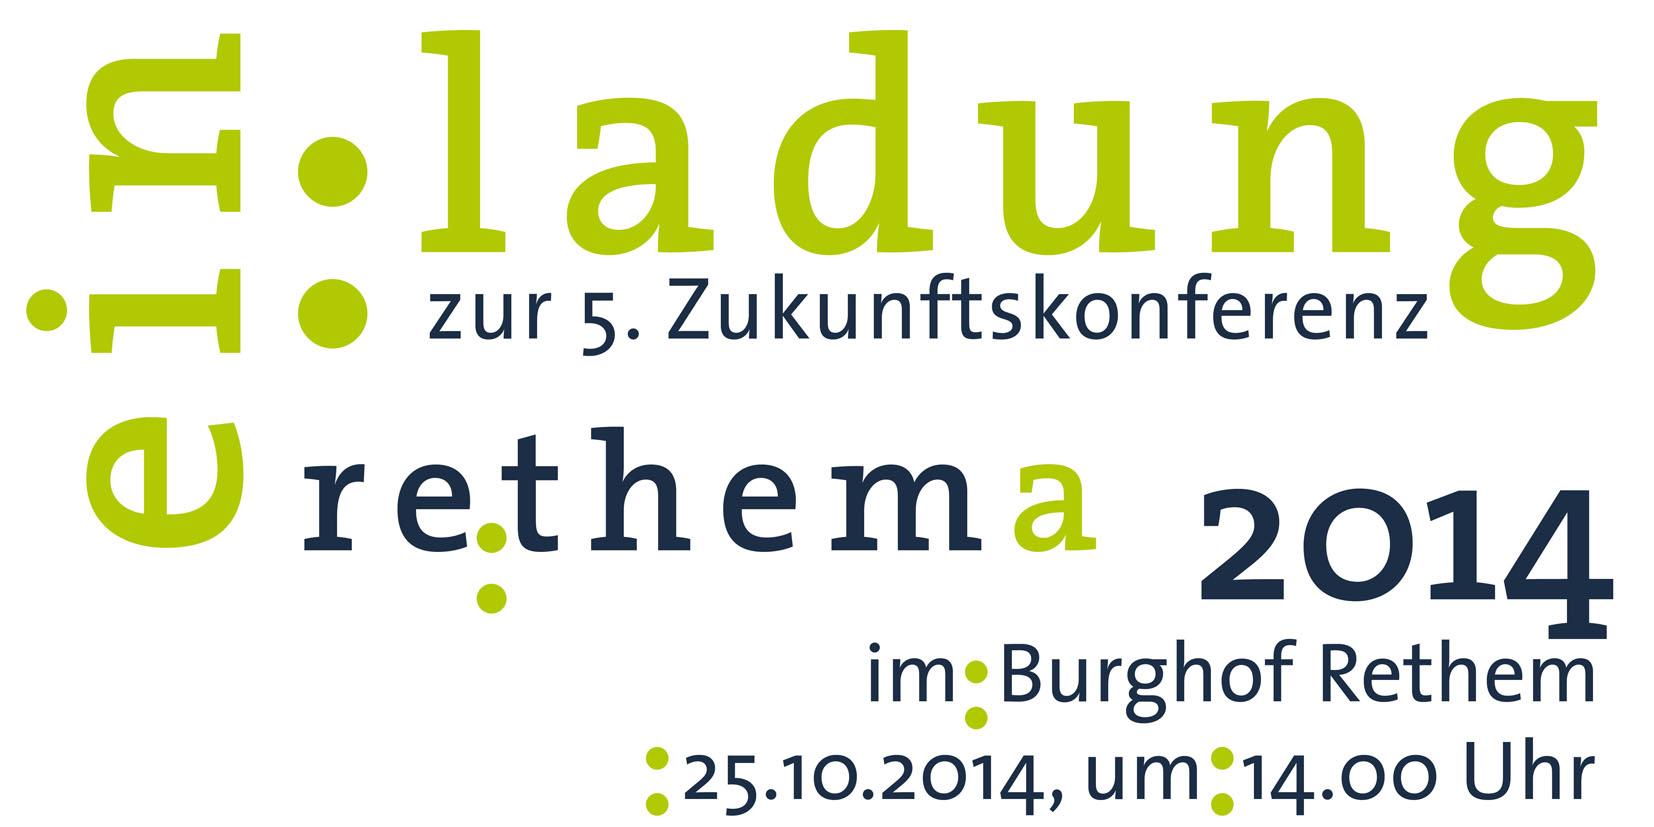 Plakat zur Rethema 2014